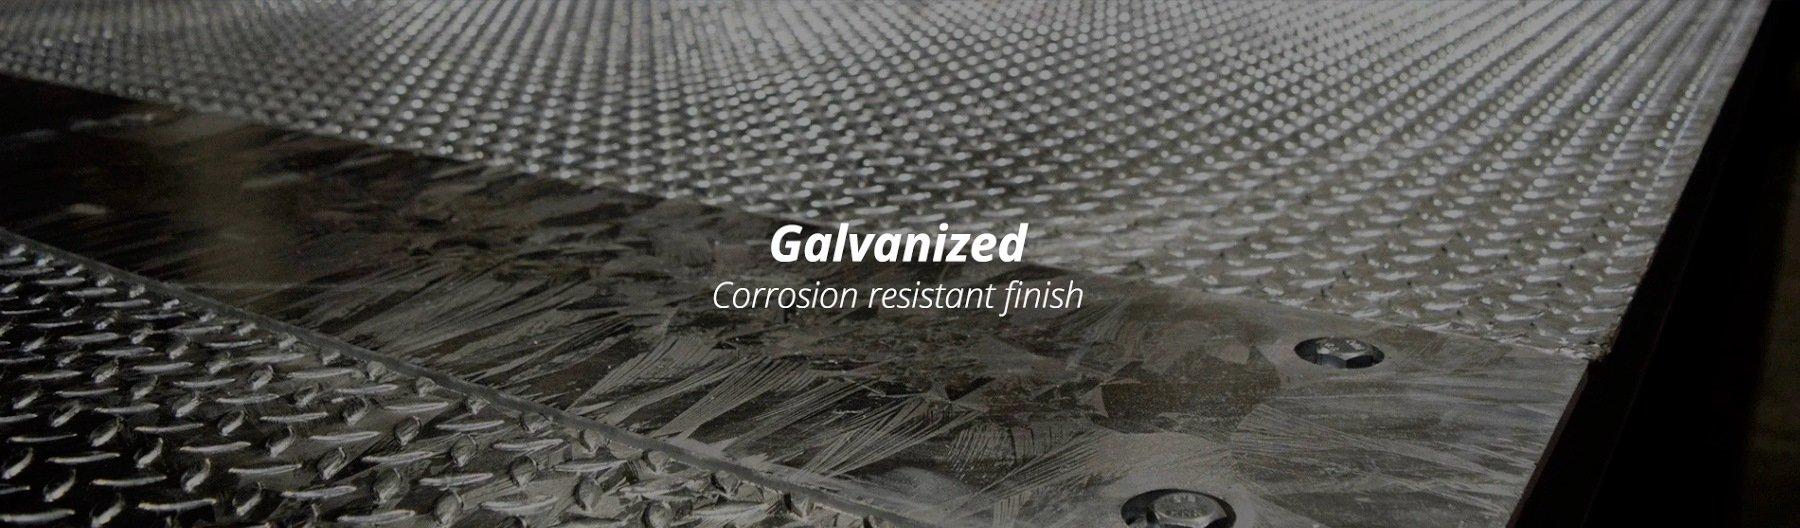 galv-header-a